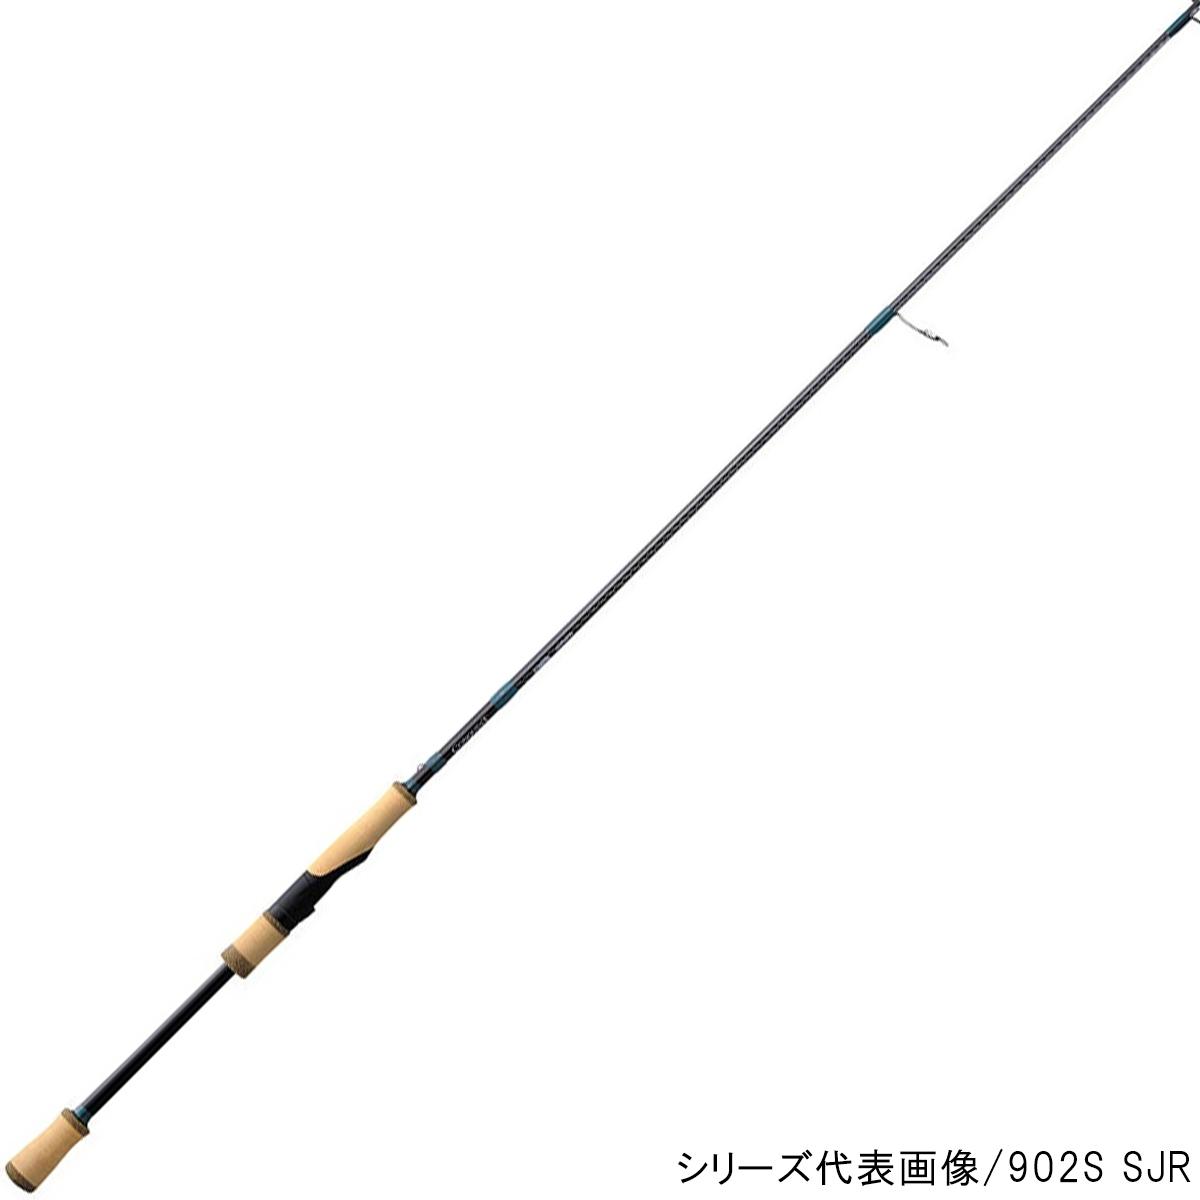 シマノ コンクエスト(スピニング) 843S SJR【大型商品】